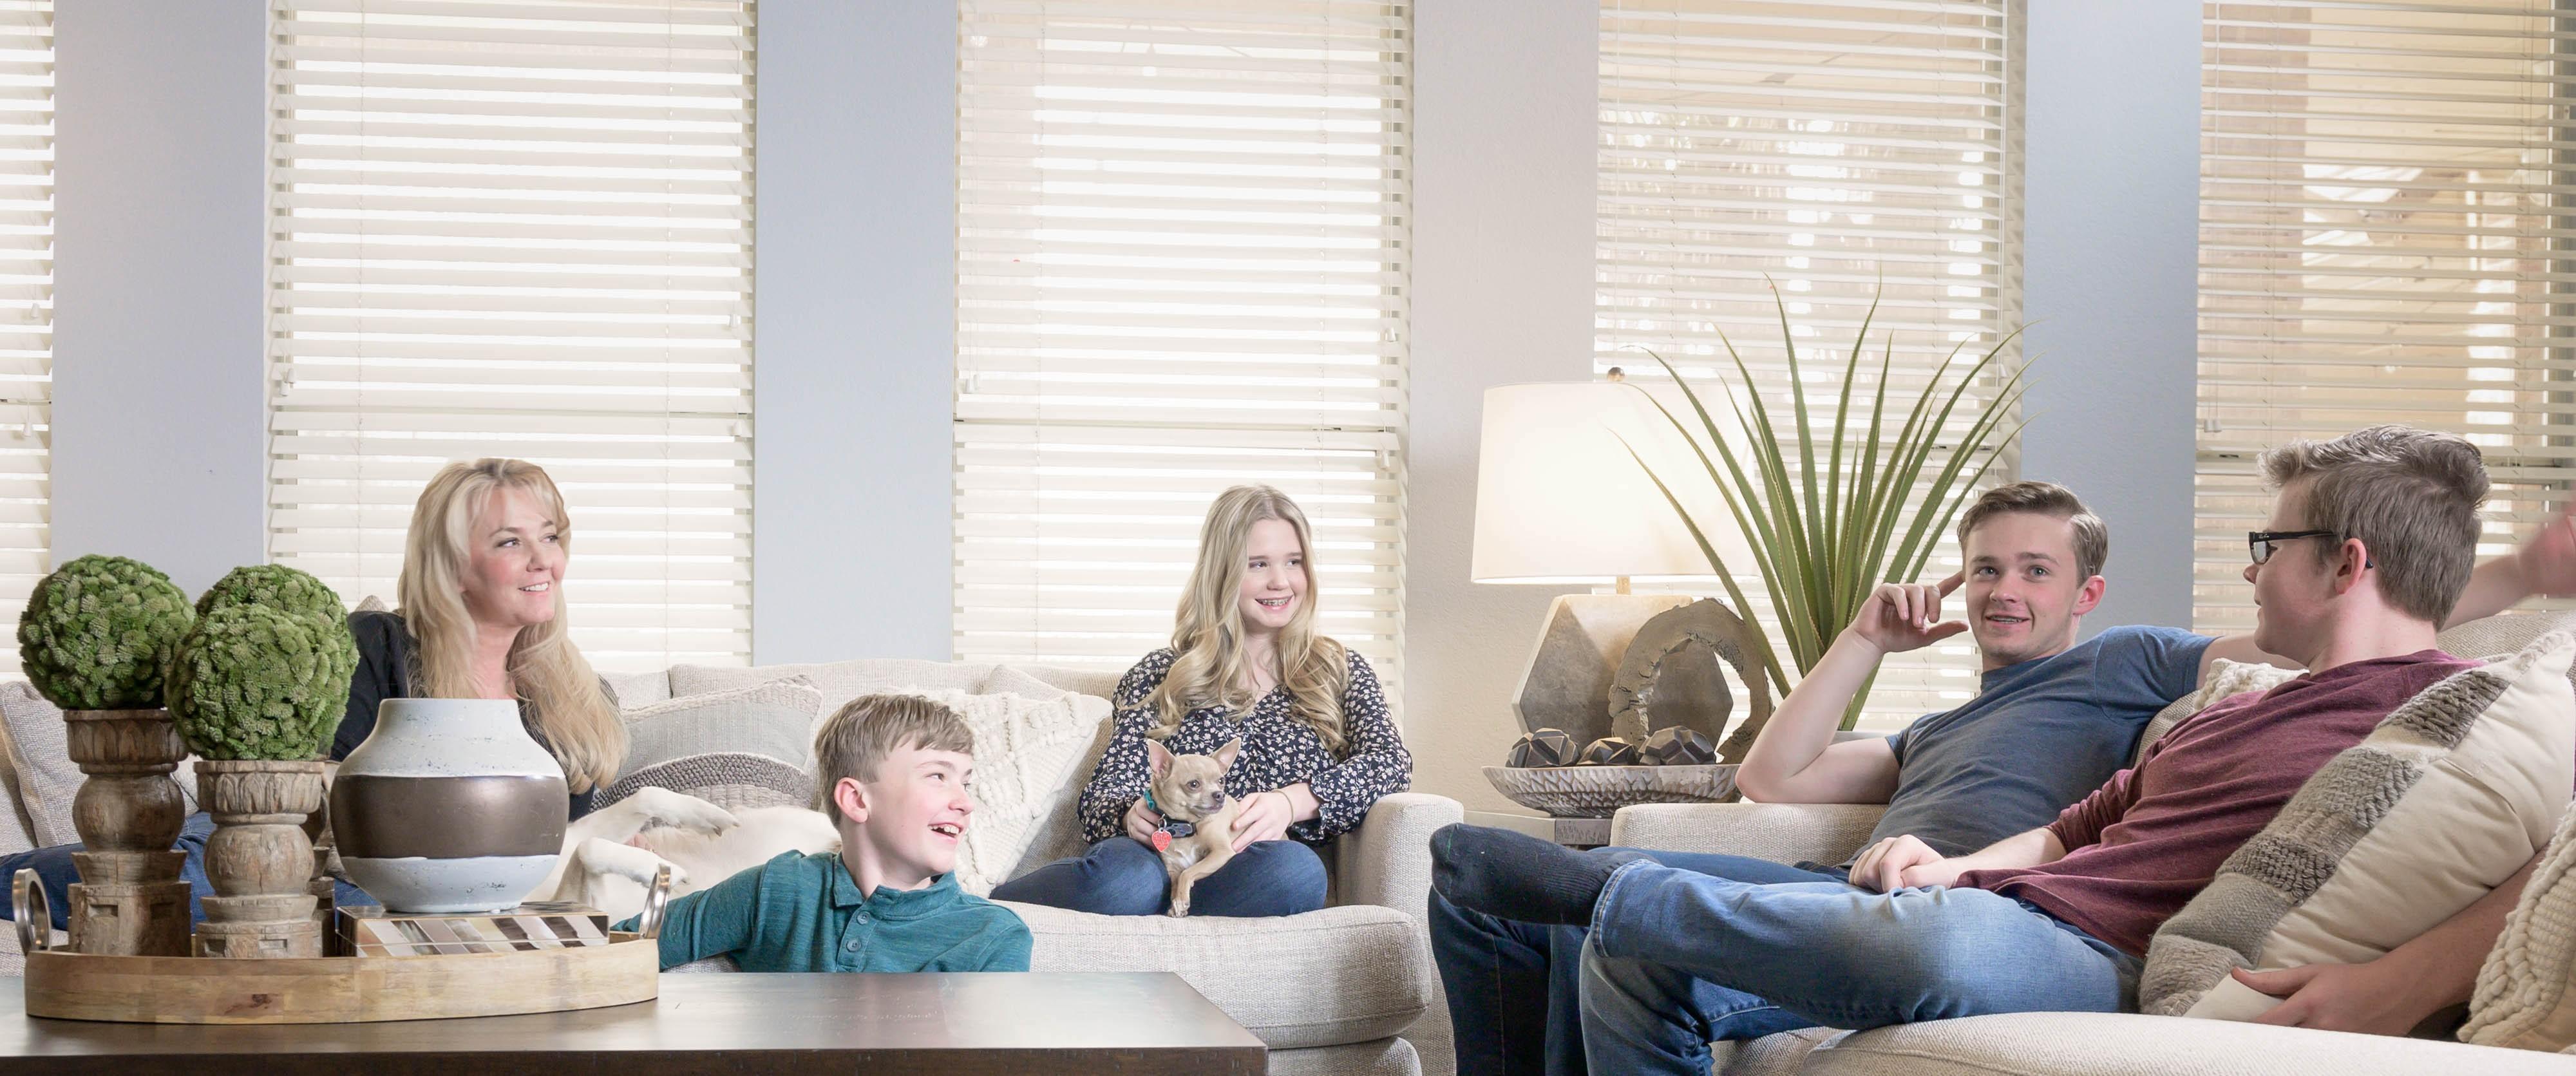 Home Zone Furniture  LinkedIn